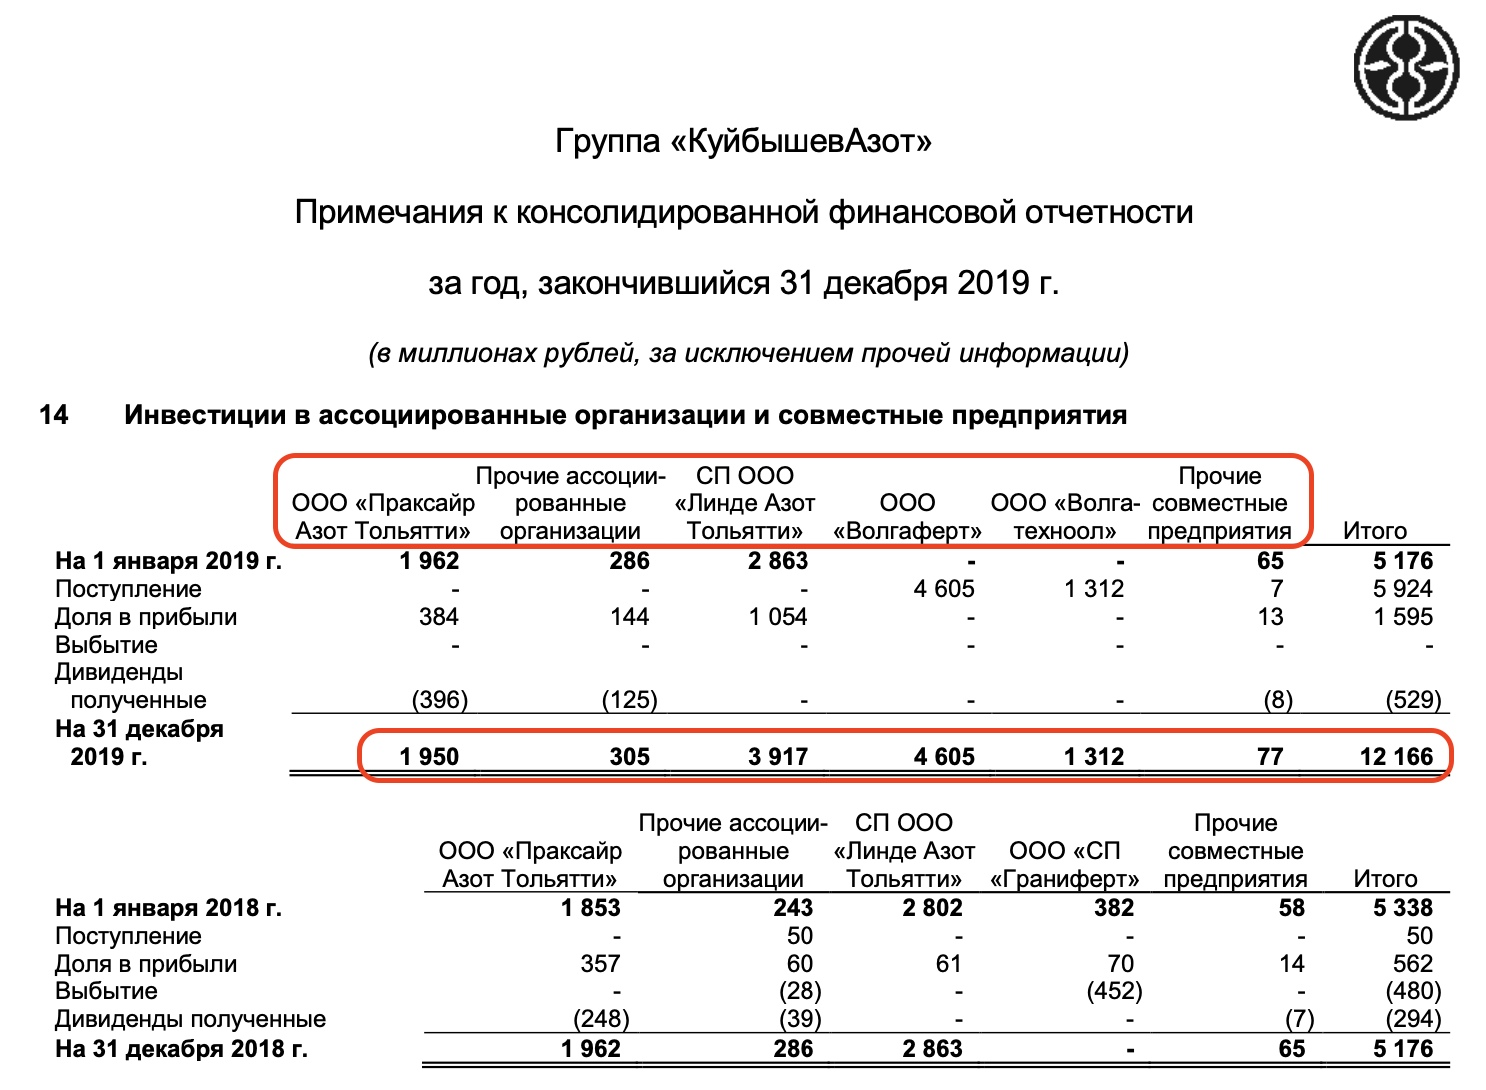 КуйбышевАзот - полный разбор компании + SWOT-анализ, изображение №5